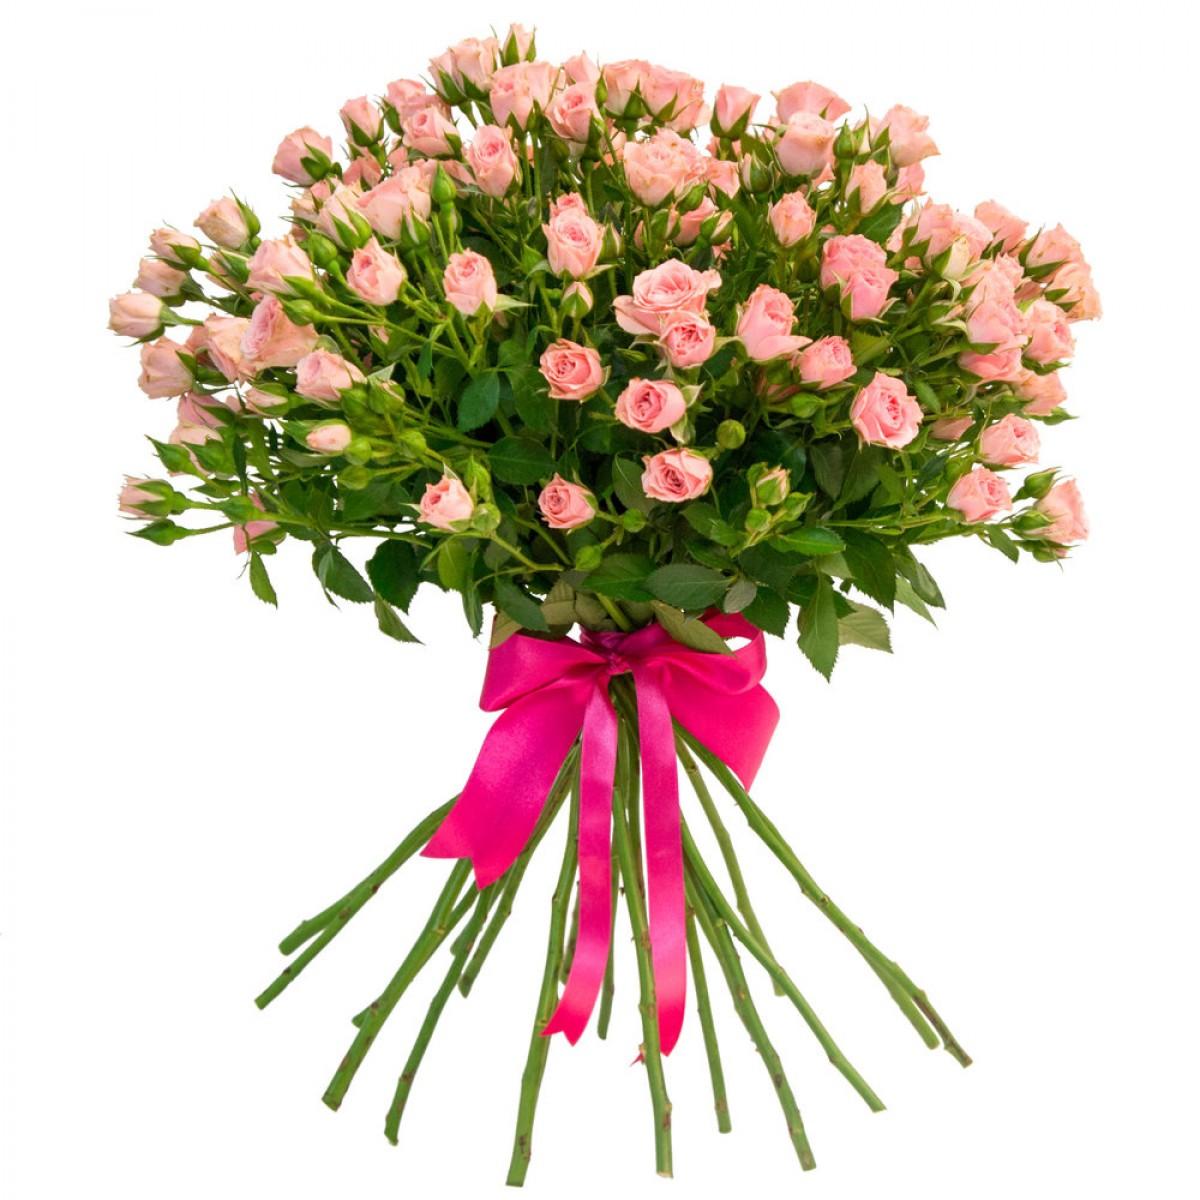 Букет от 11 до 15 светло-розови спрей рози (ти избираш броя)